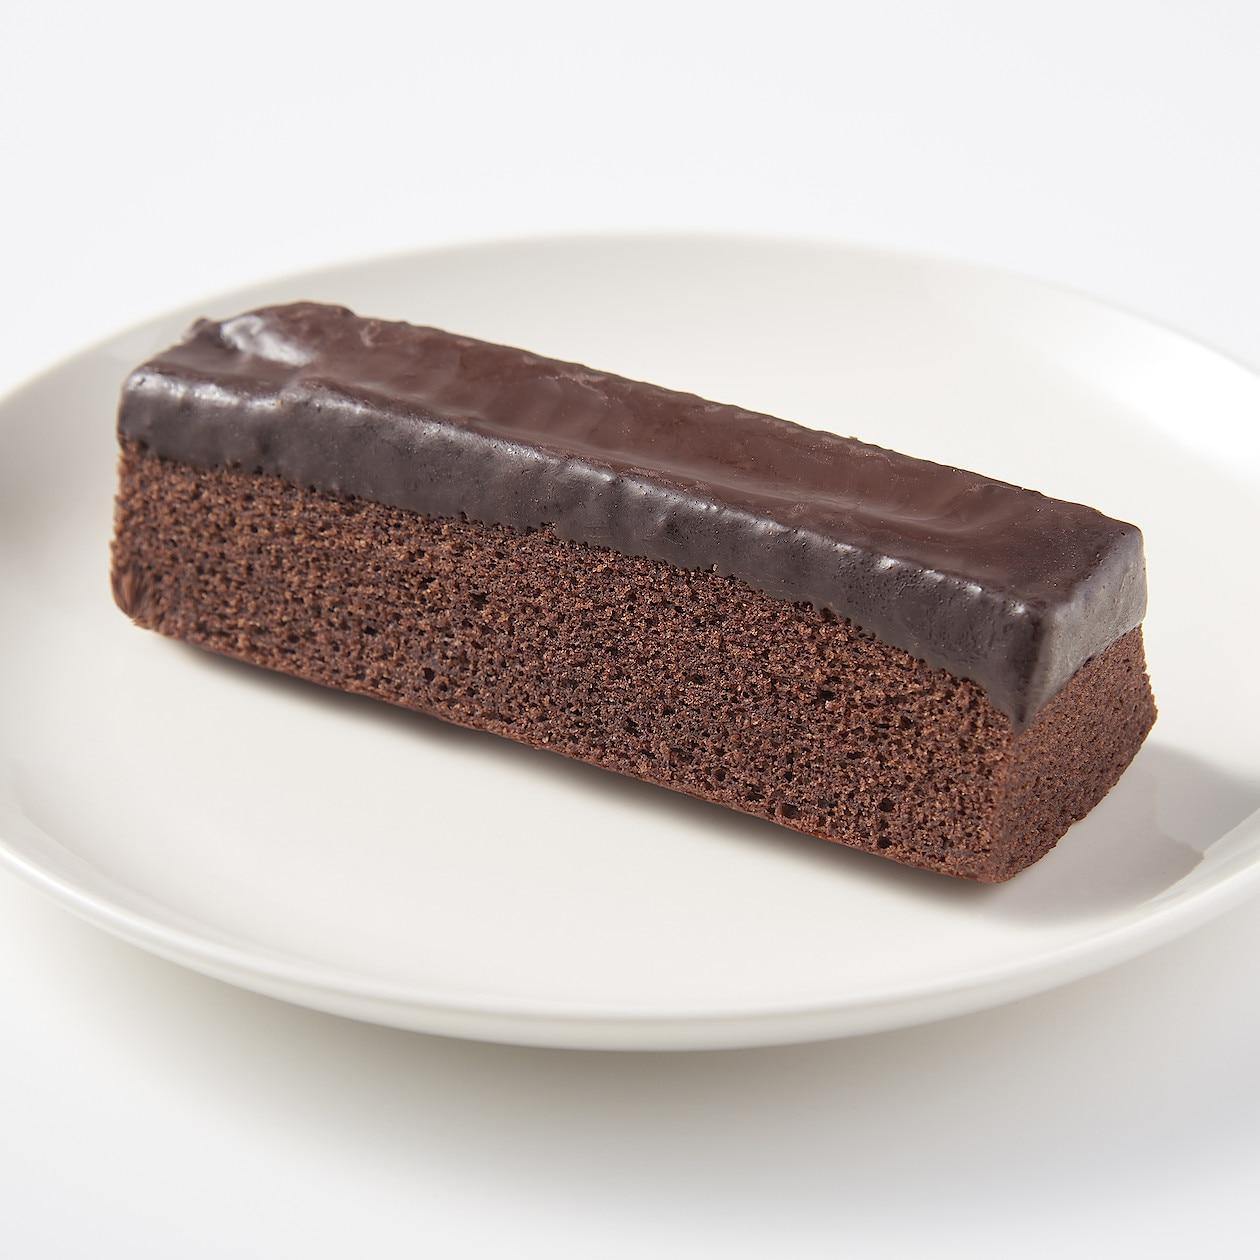 RoomClip商品情報 - 不揃い チョコがけチョコバウム